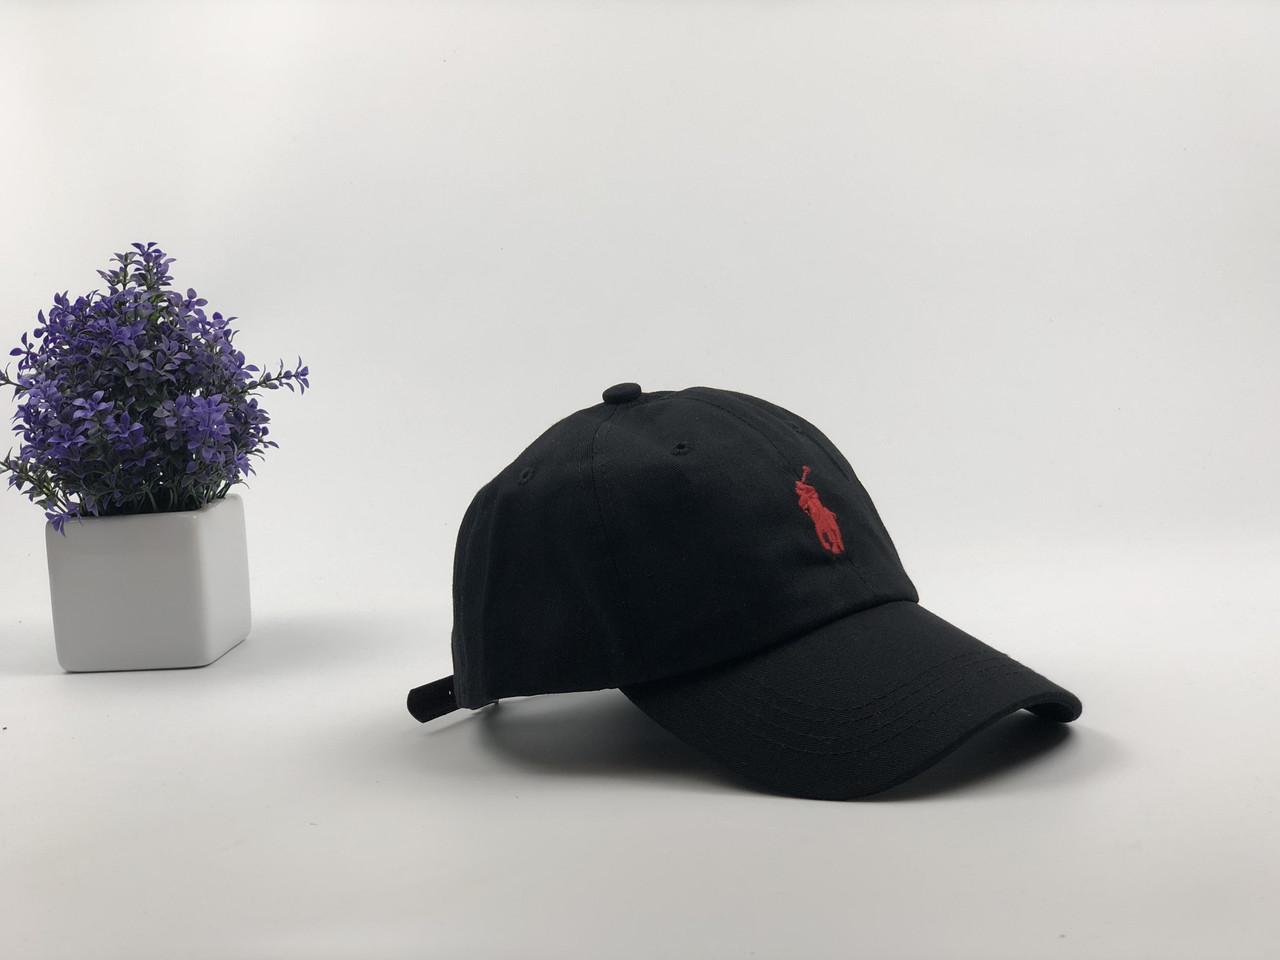 Кепка Бейсболка Мужская Женская Polo Ralph Lauren с кожаным ремешком Черная с Красным лого